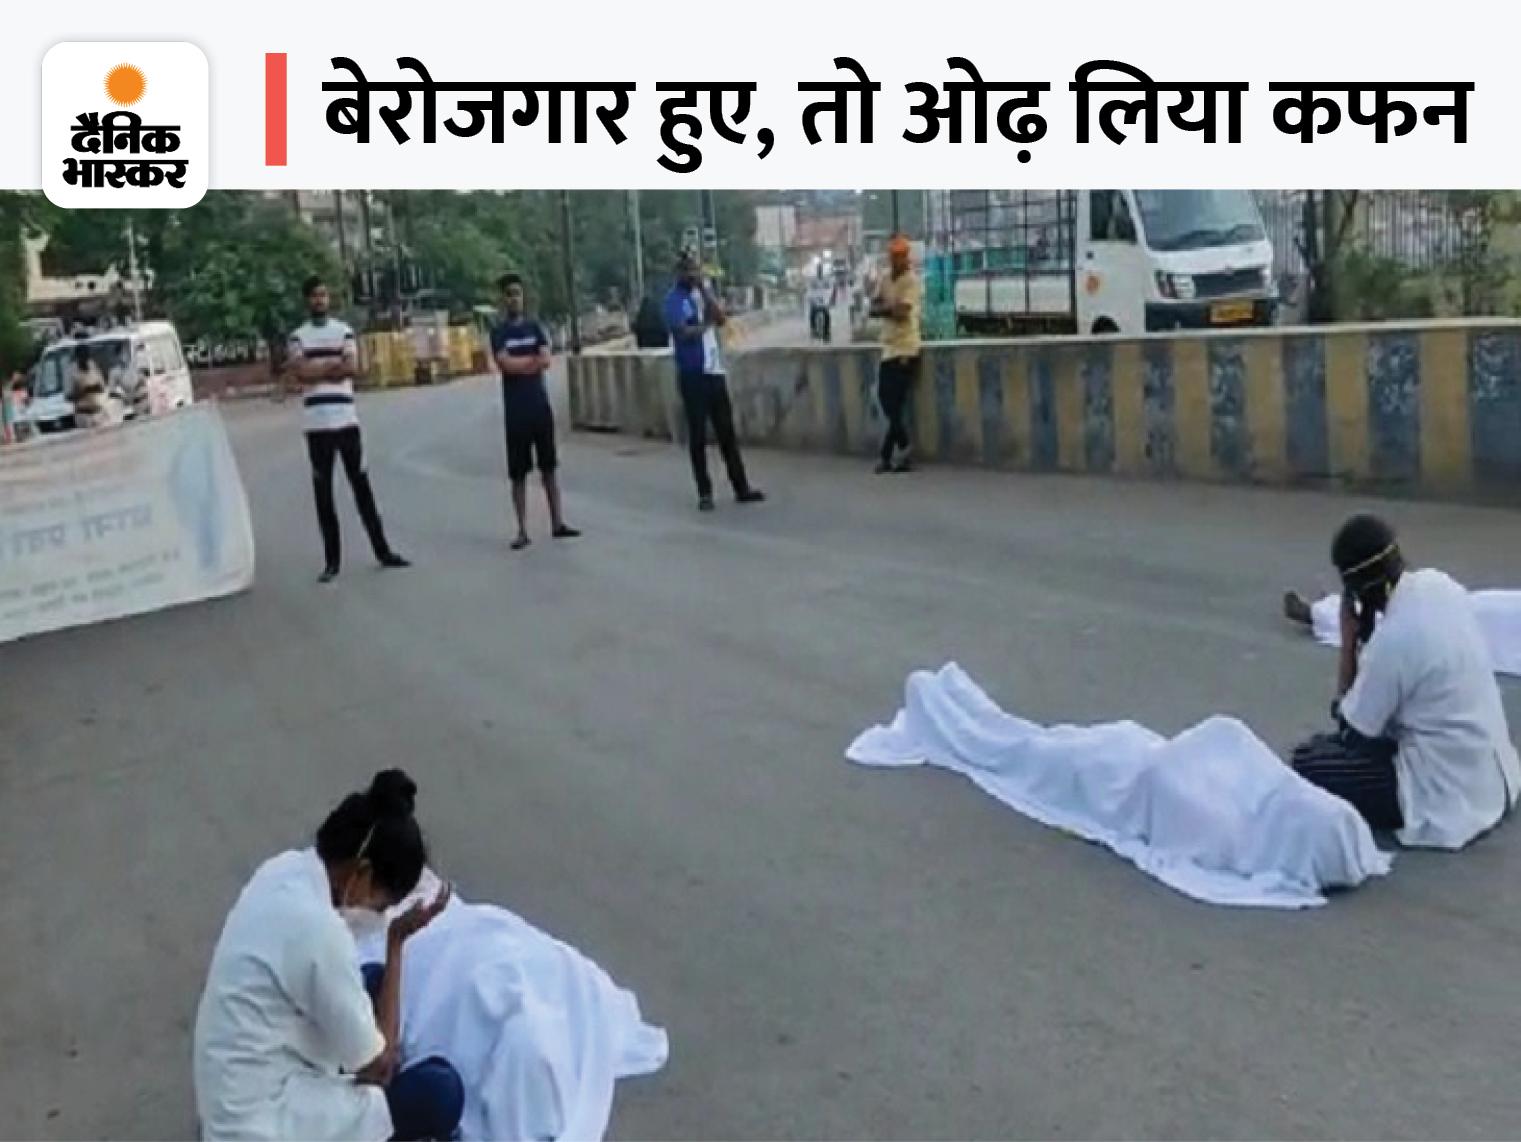 कफन ओढ़कर लेटे कोविड सेंटर से निकाले गए कर्मचारी, माथा पीटकर रोती रही महिलाएं, 30 गिरफ्तार|रायपुर,Raipur - Dainik Bhaskar